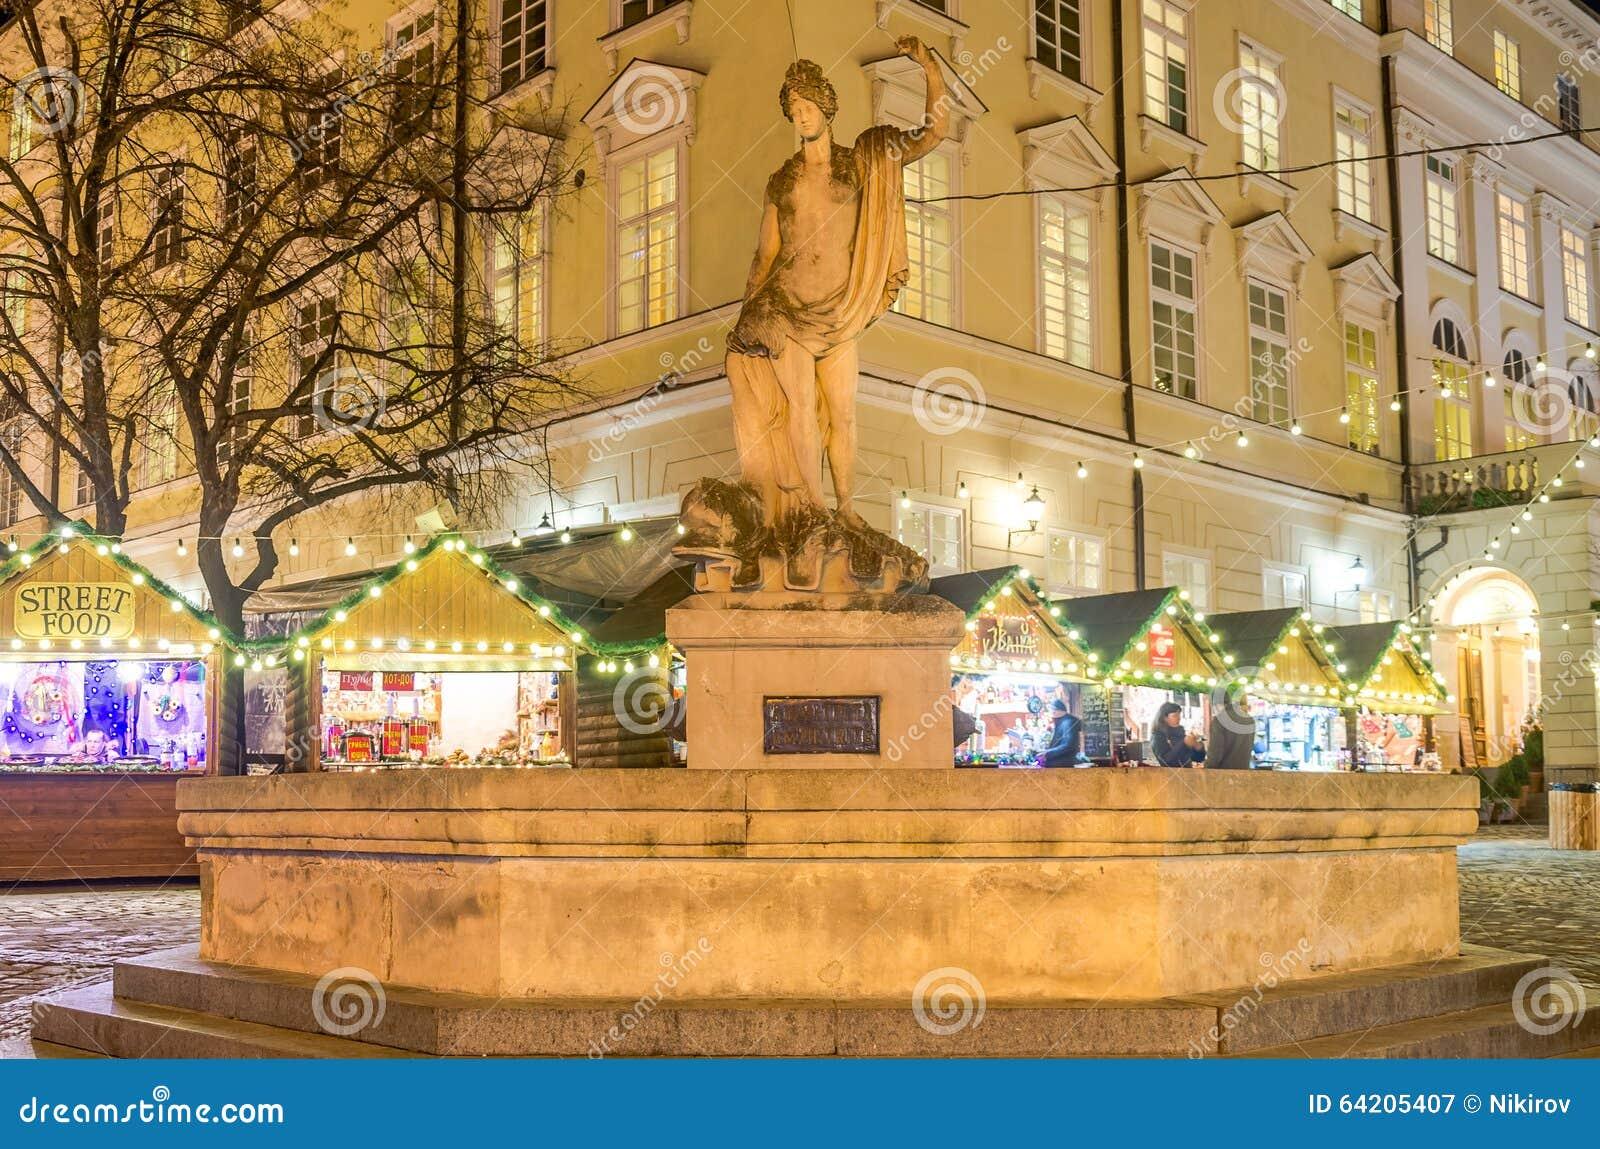 Monumento de piedra de mármol a la diosa Amphitrite bajo la forma de fuente en el fondo de la Navidad justa en el M central